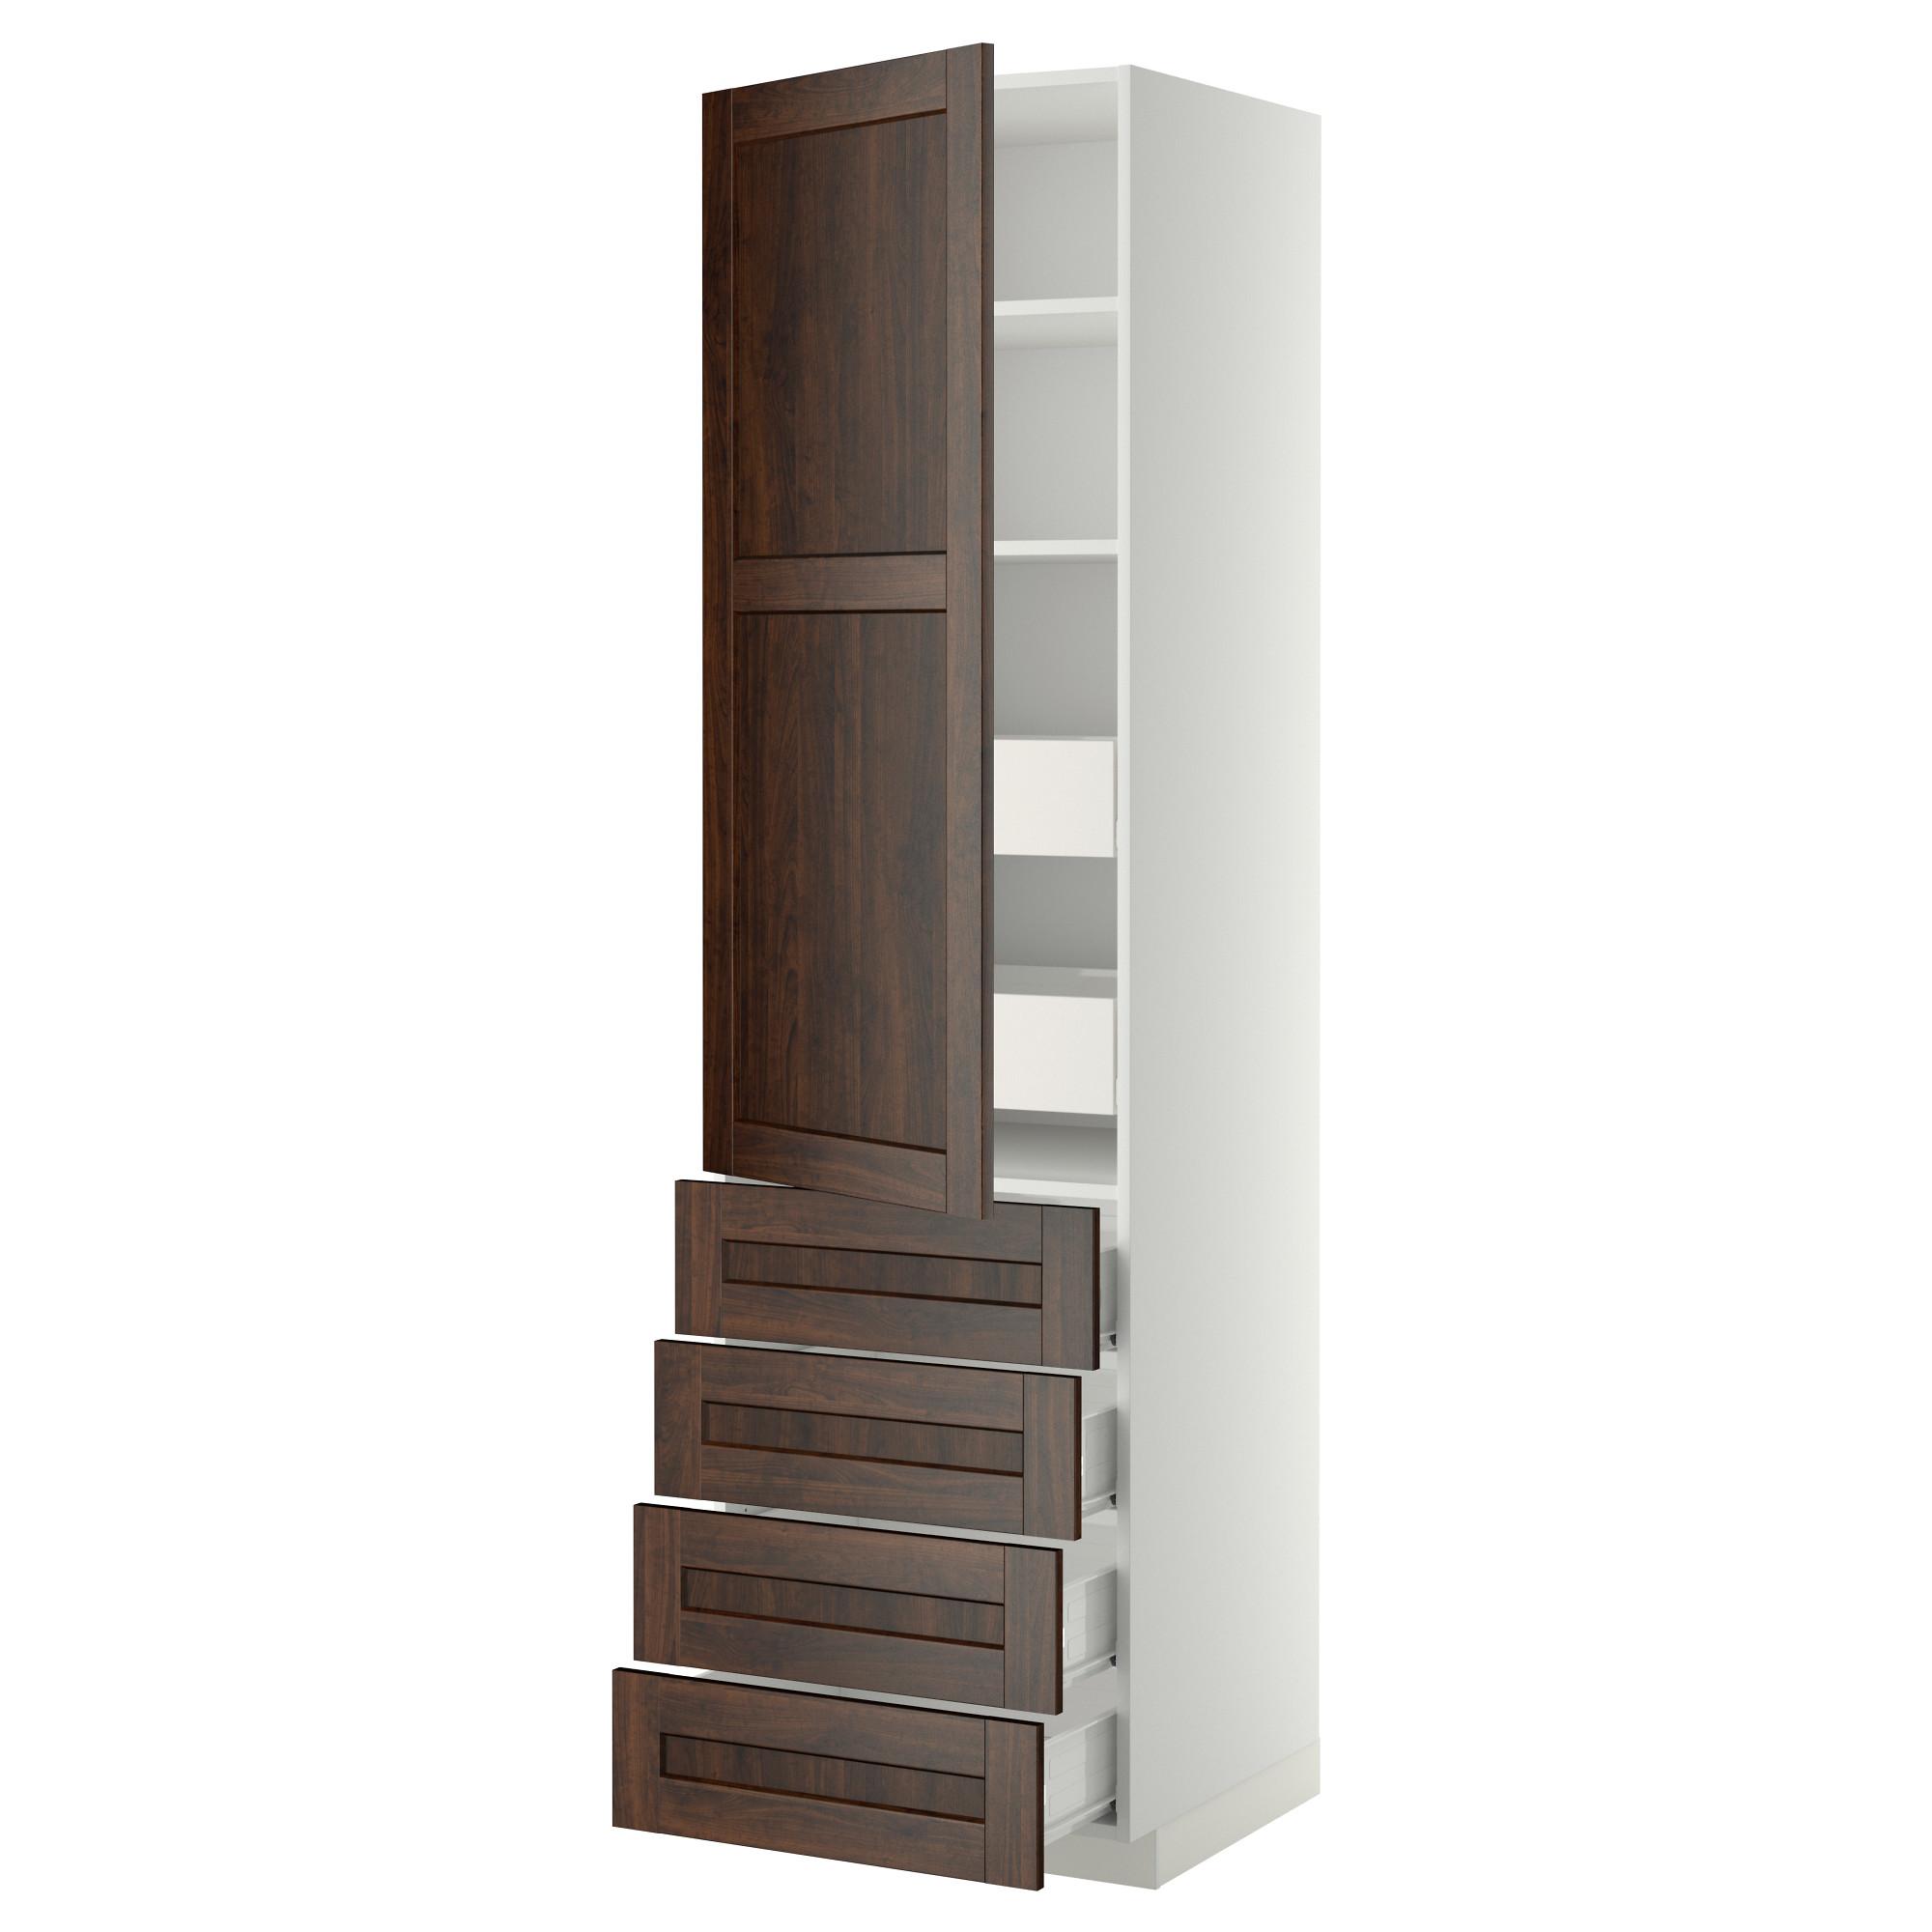 Высокий шкаф с полками/6 ящик, дверцами, 4 фронтальные панели МЕТОД / ФОРВАРА белый артикуль № 192.618.08 в наличии. Онлайн каталог IKEA Минск. Быстрая доставка и установка.